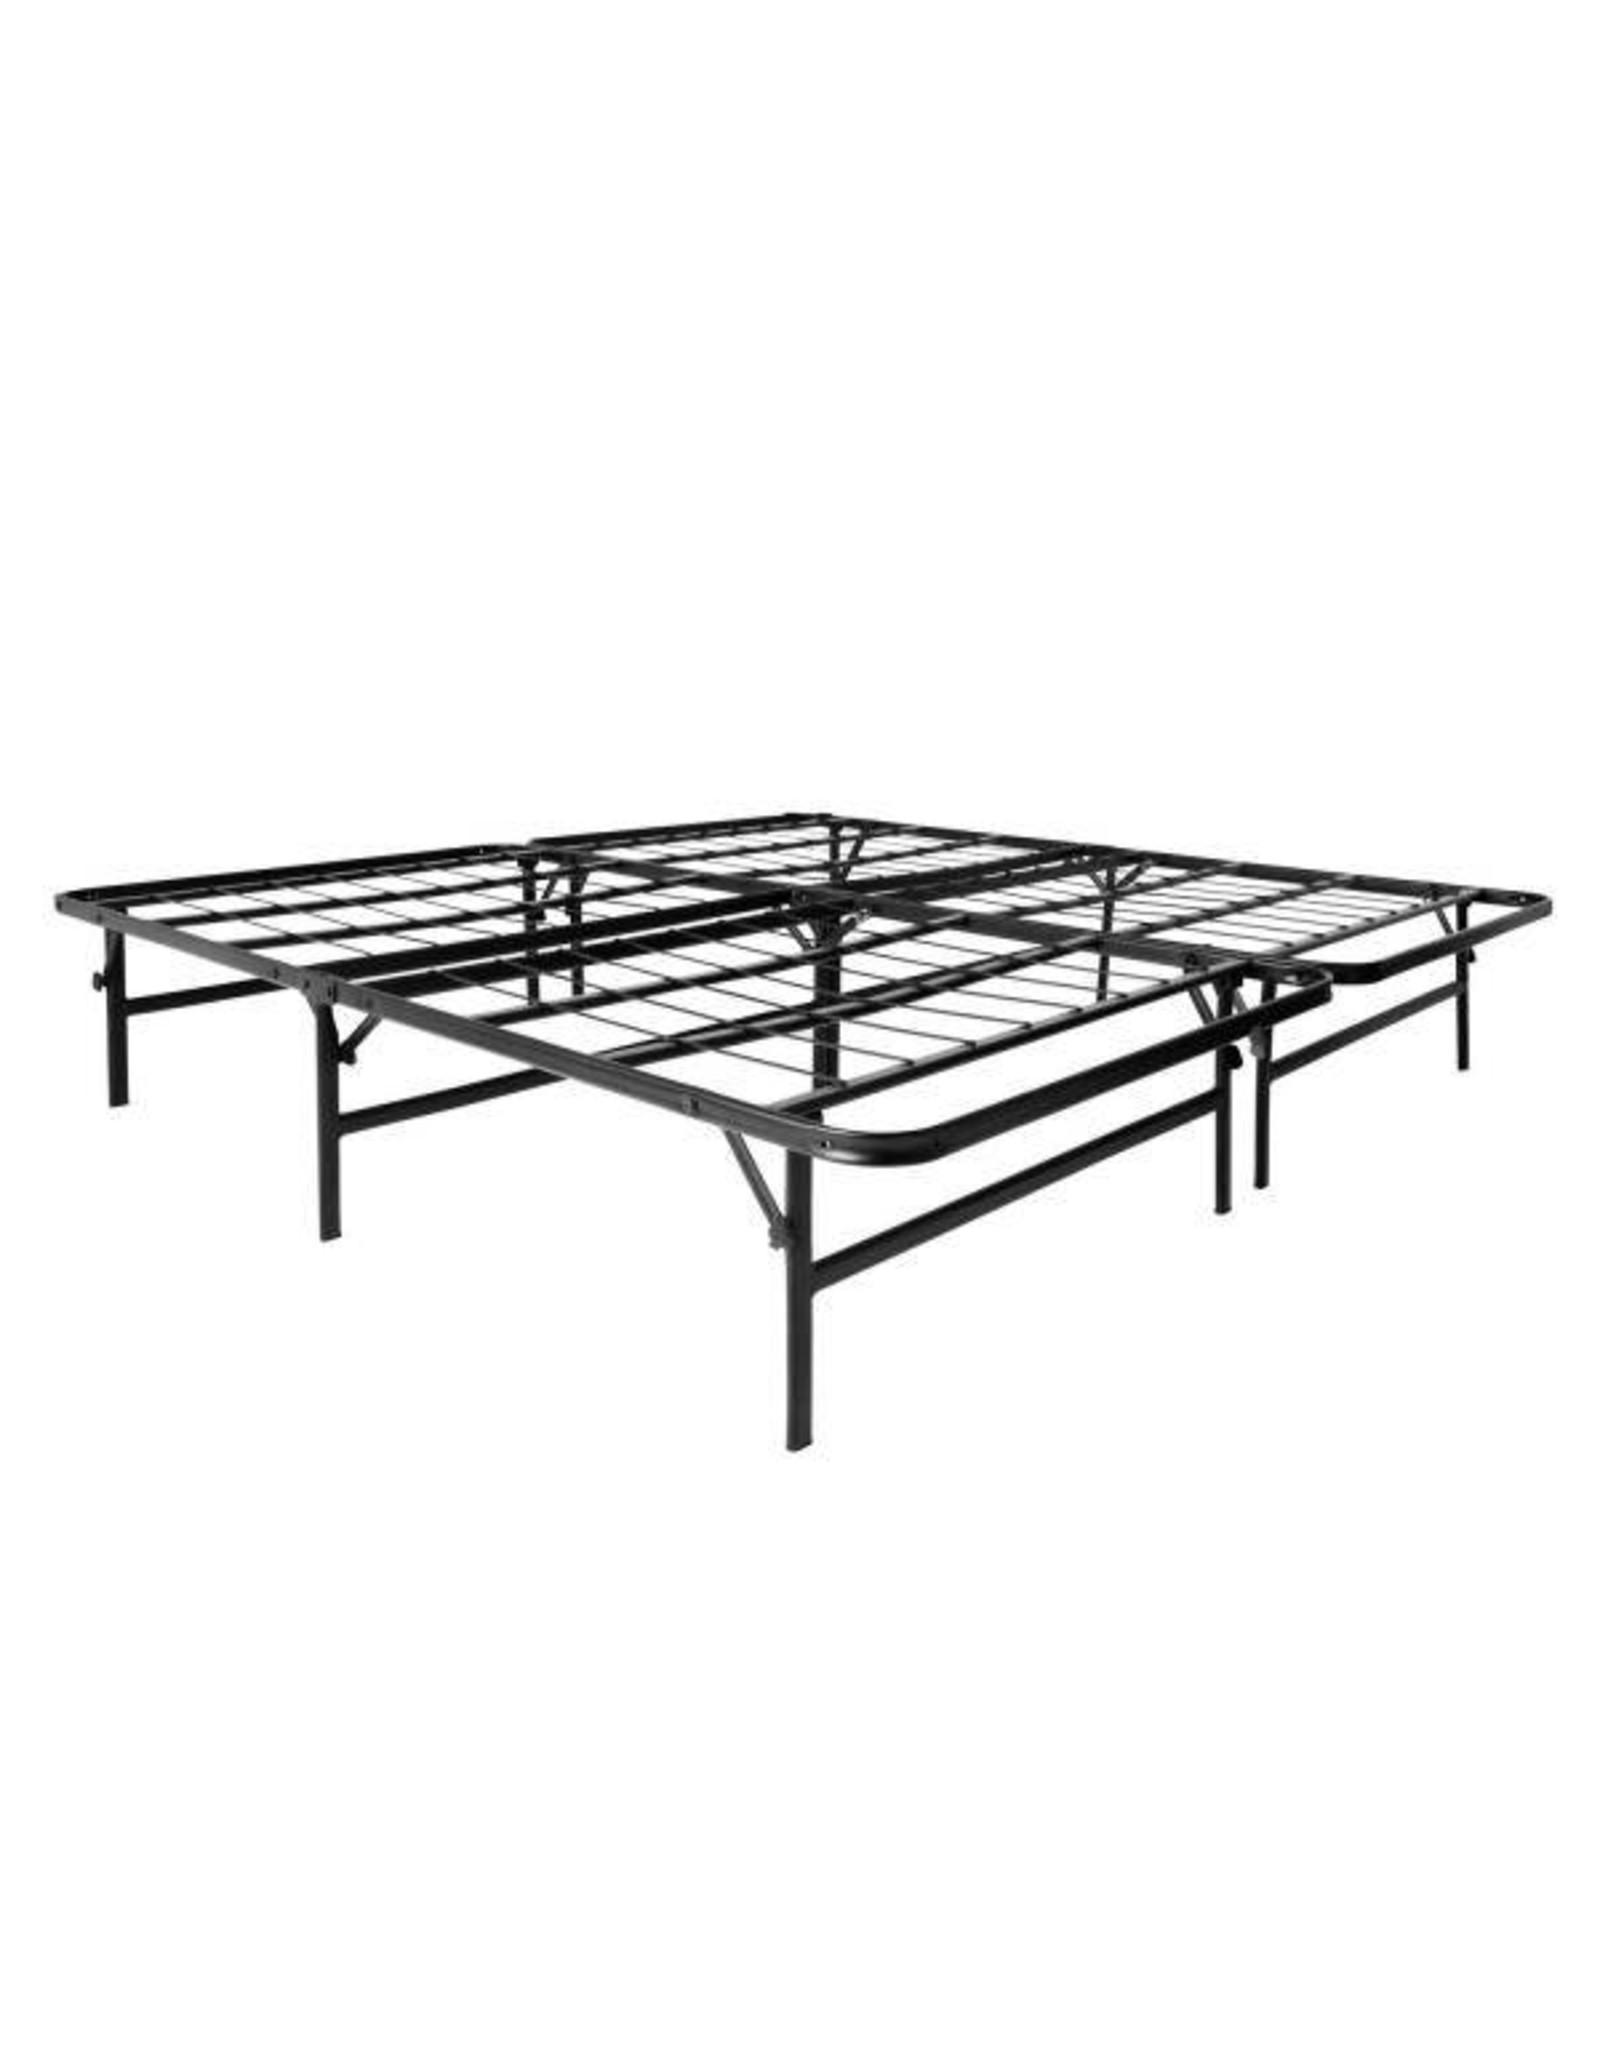 Structures ST22FFFP Bed Frame